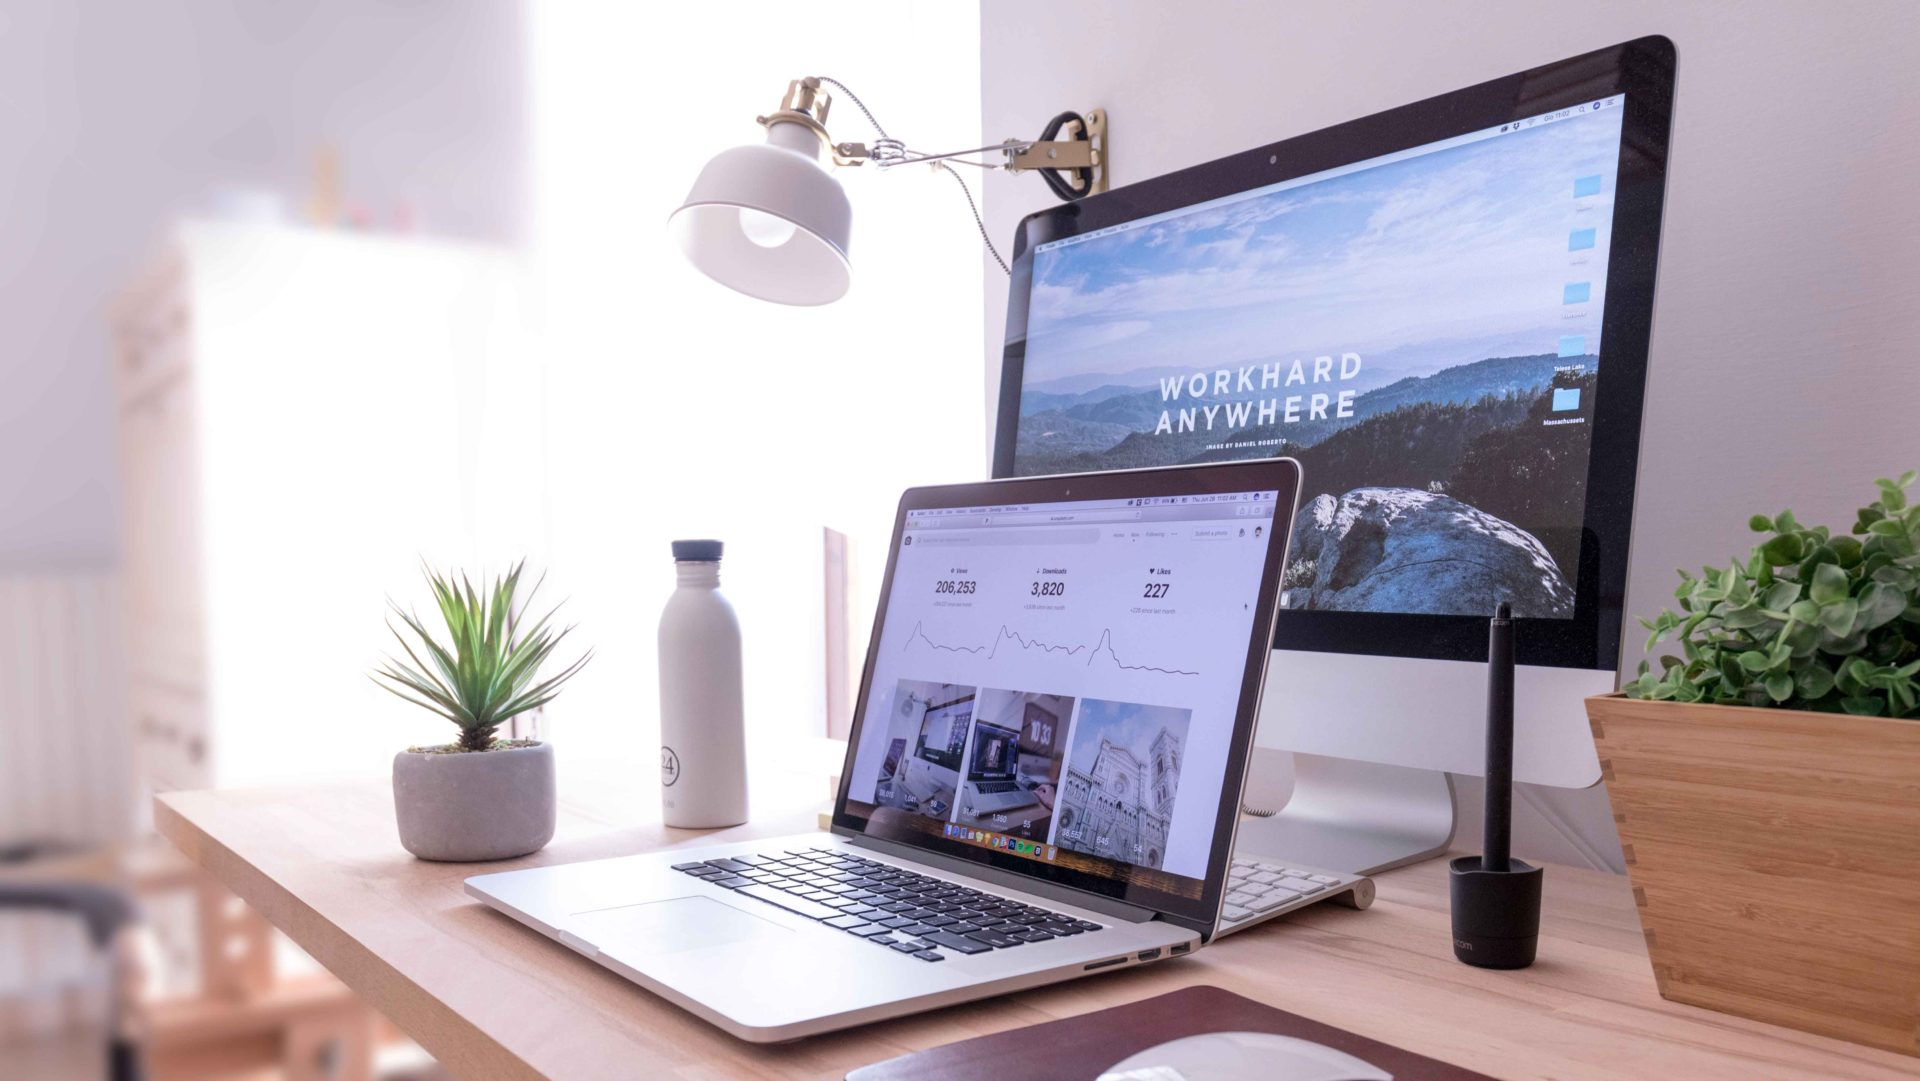 LUTZコンサルティング | WEB、経営コンサル